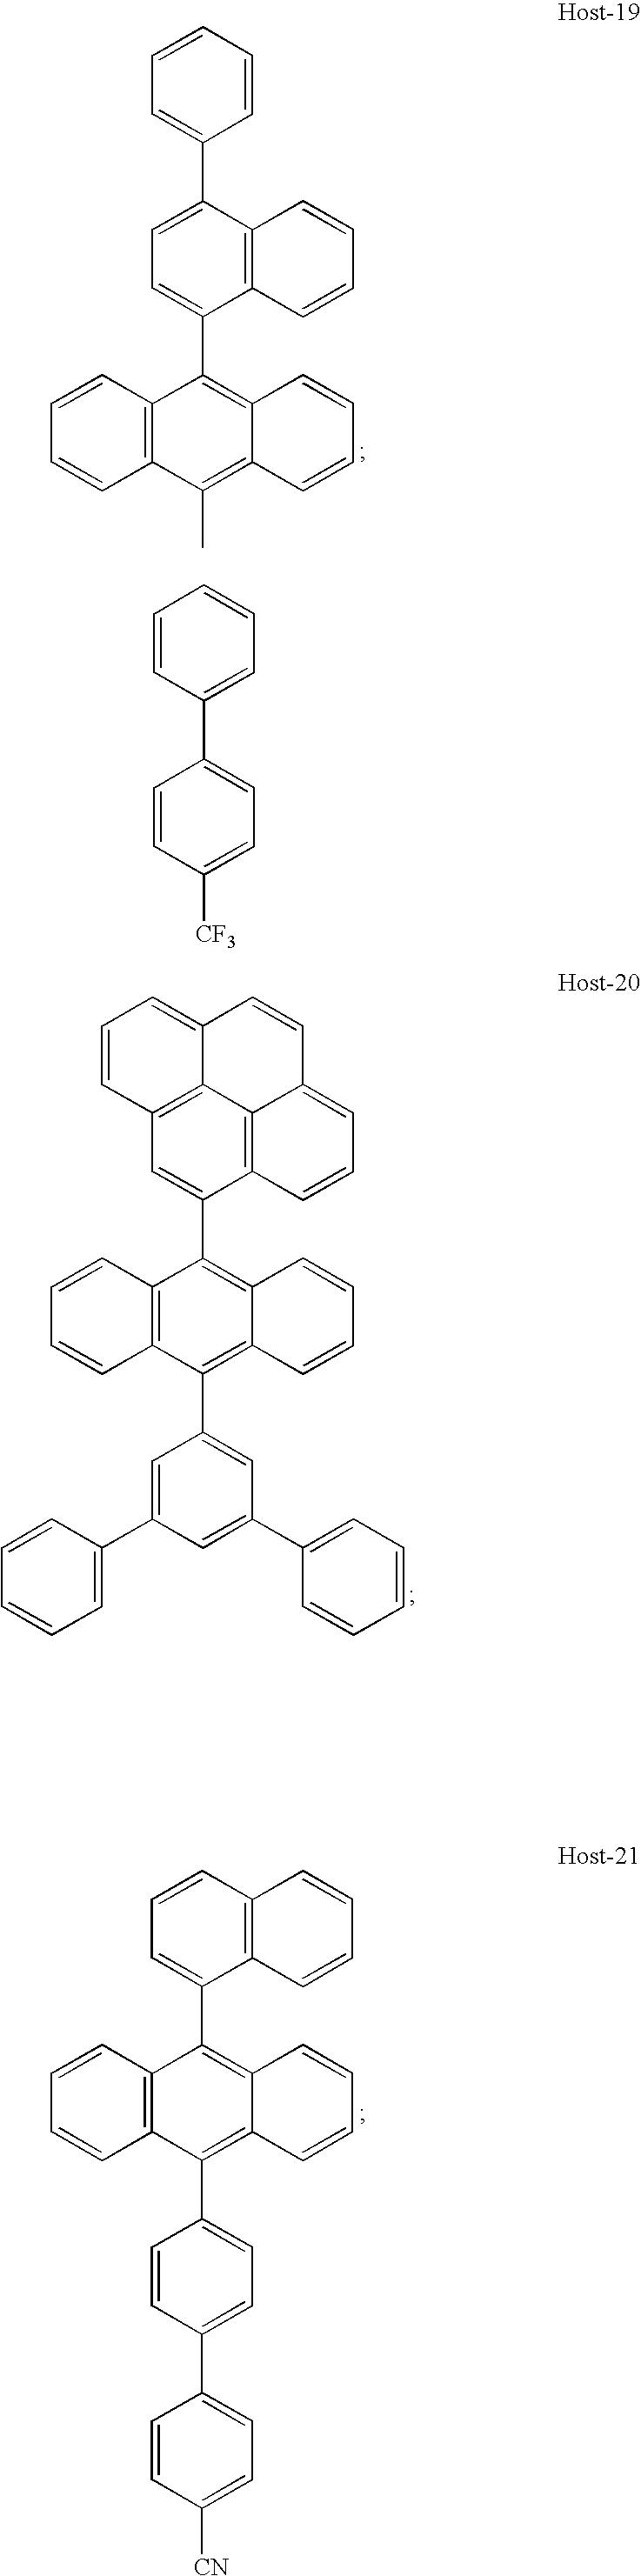 Figure US07602119-20091013-C00020